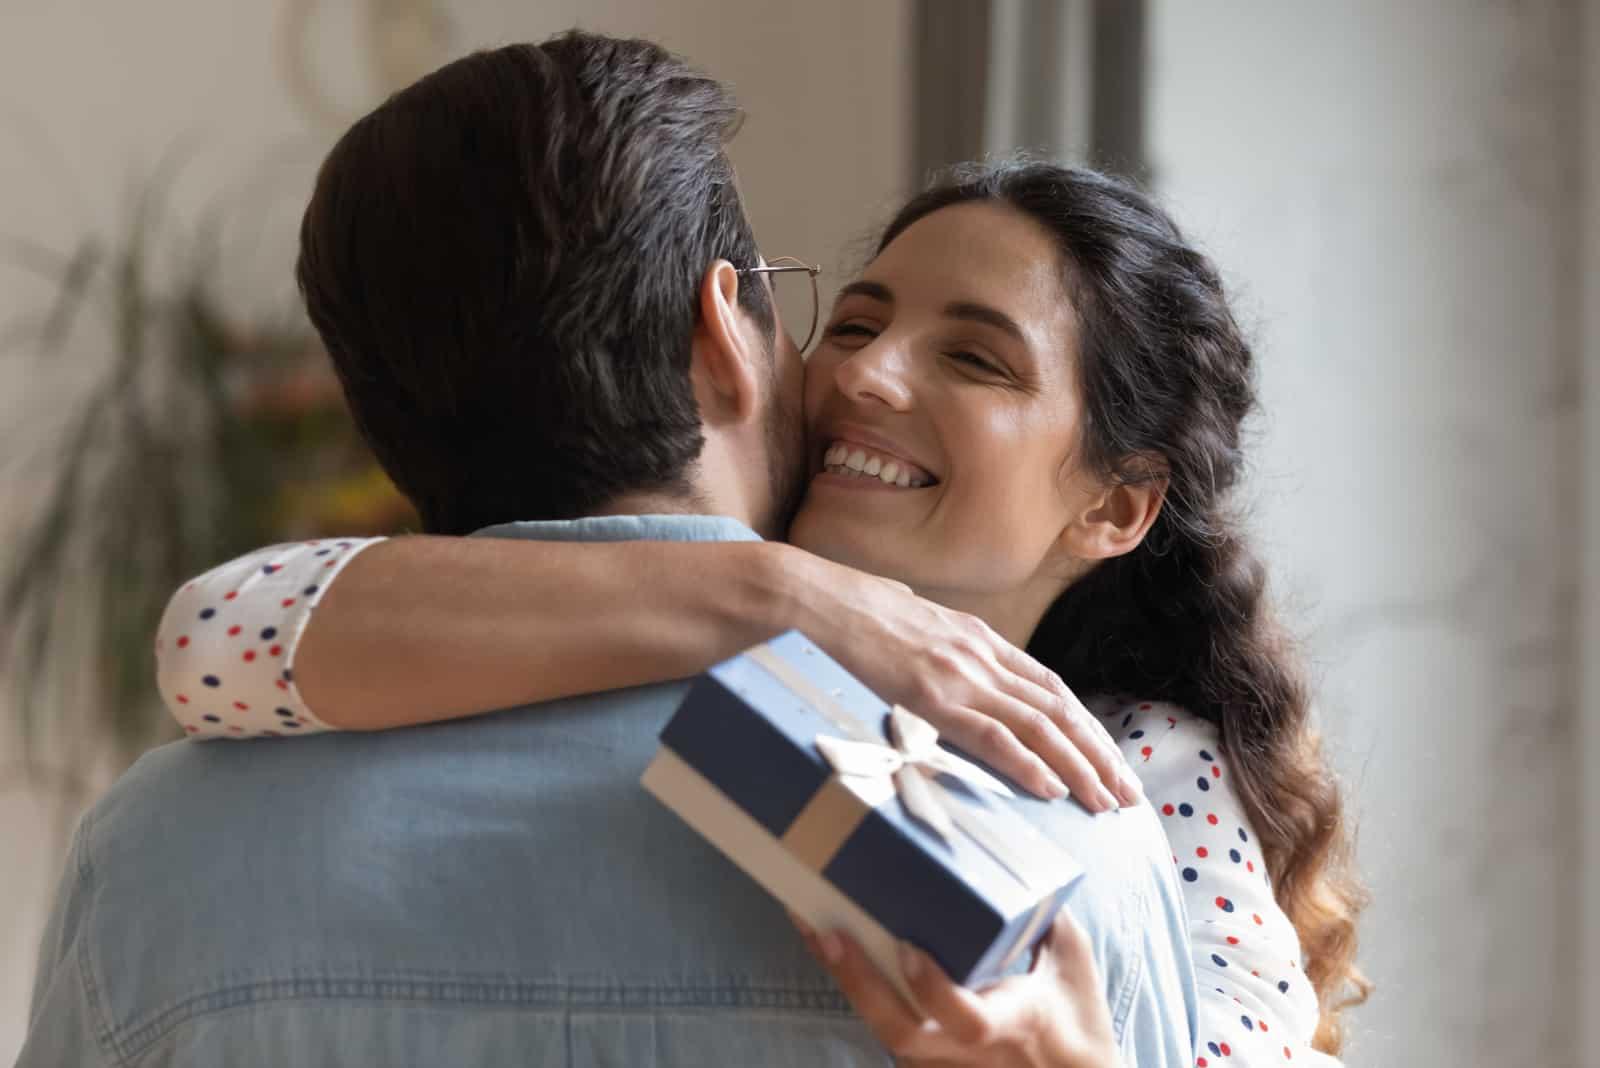 überglückliche Frau umarmt Ehemann